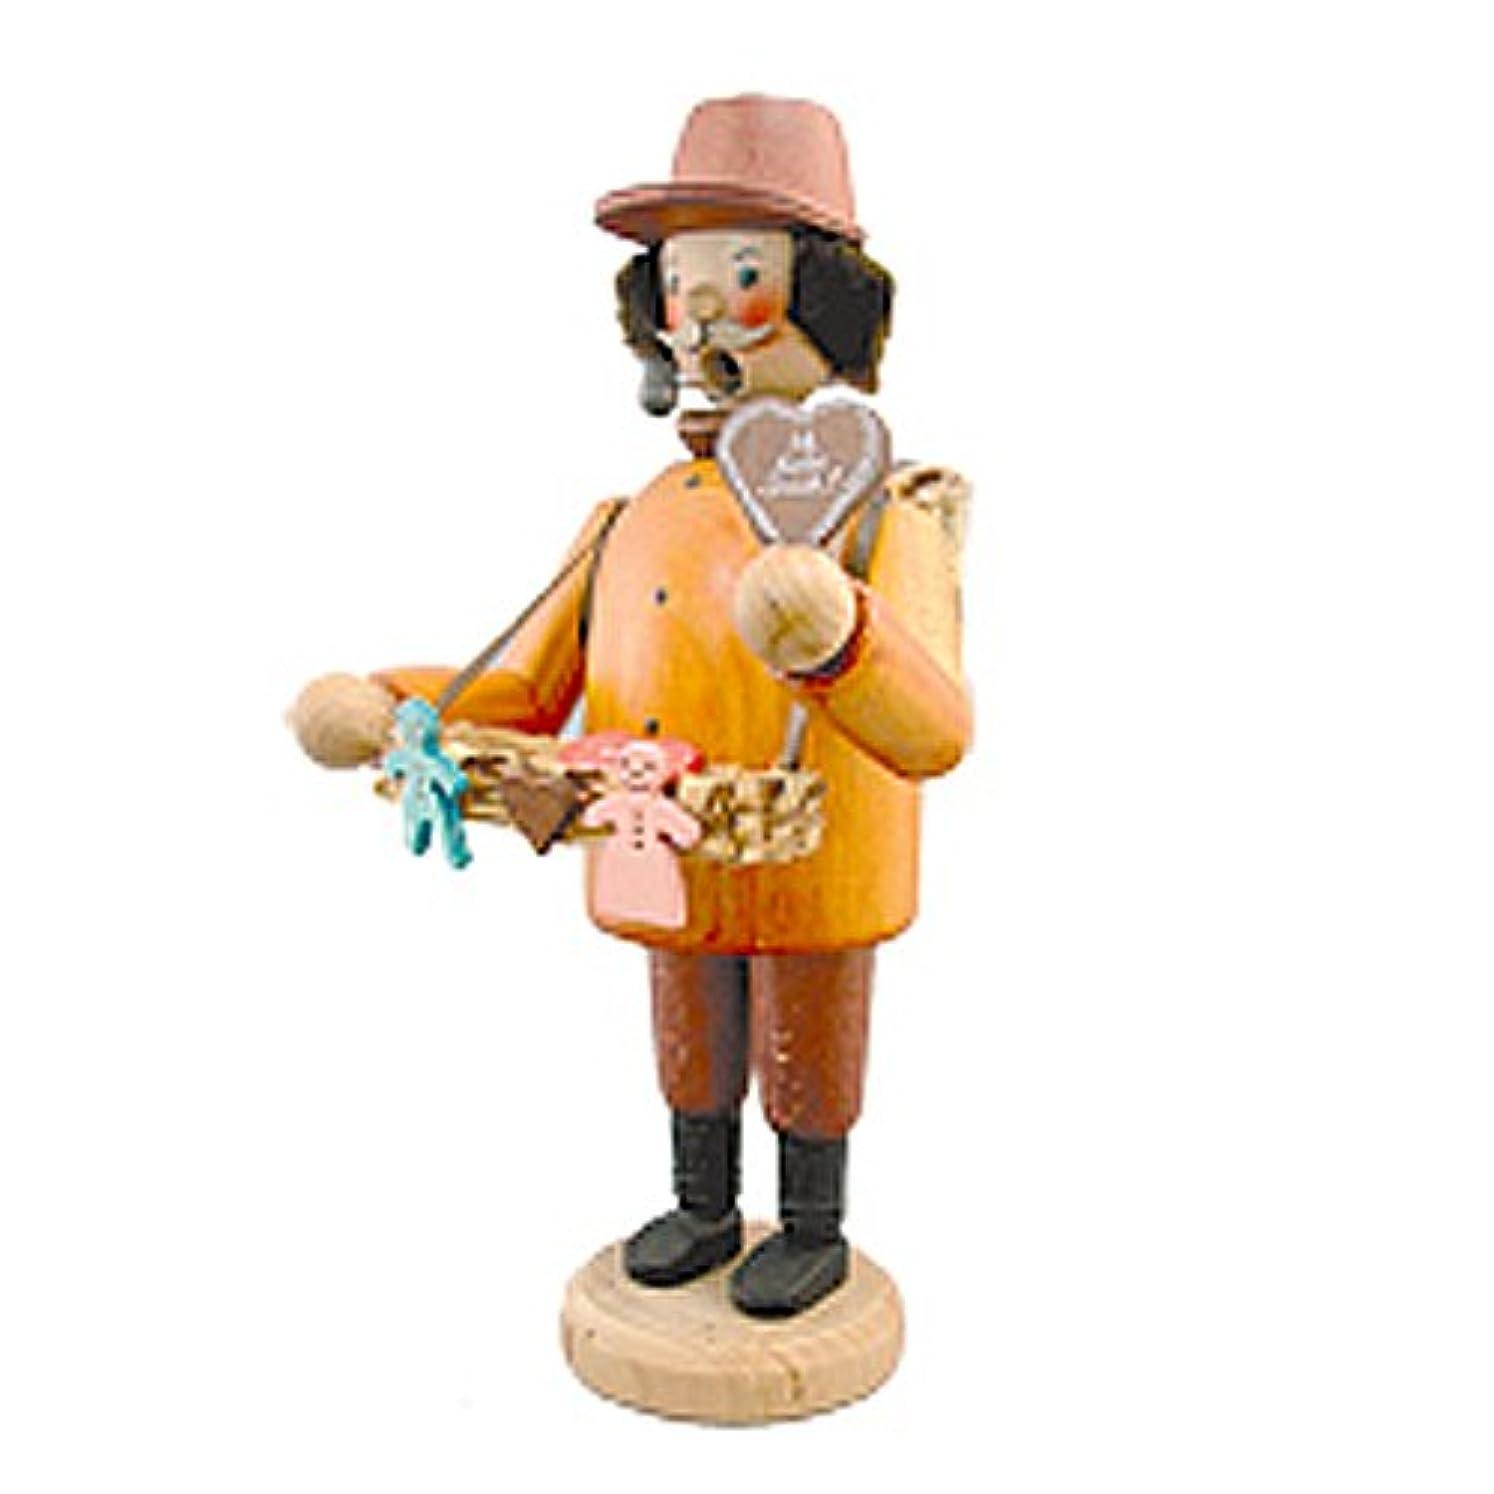 特許そうはずkuhnert(クーネルト) パイプ人形香炉 120×200mm 「菓子売り」